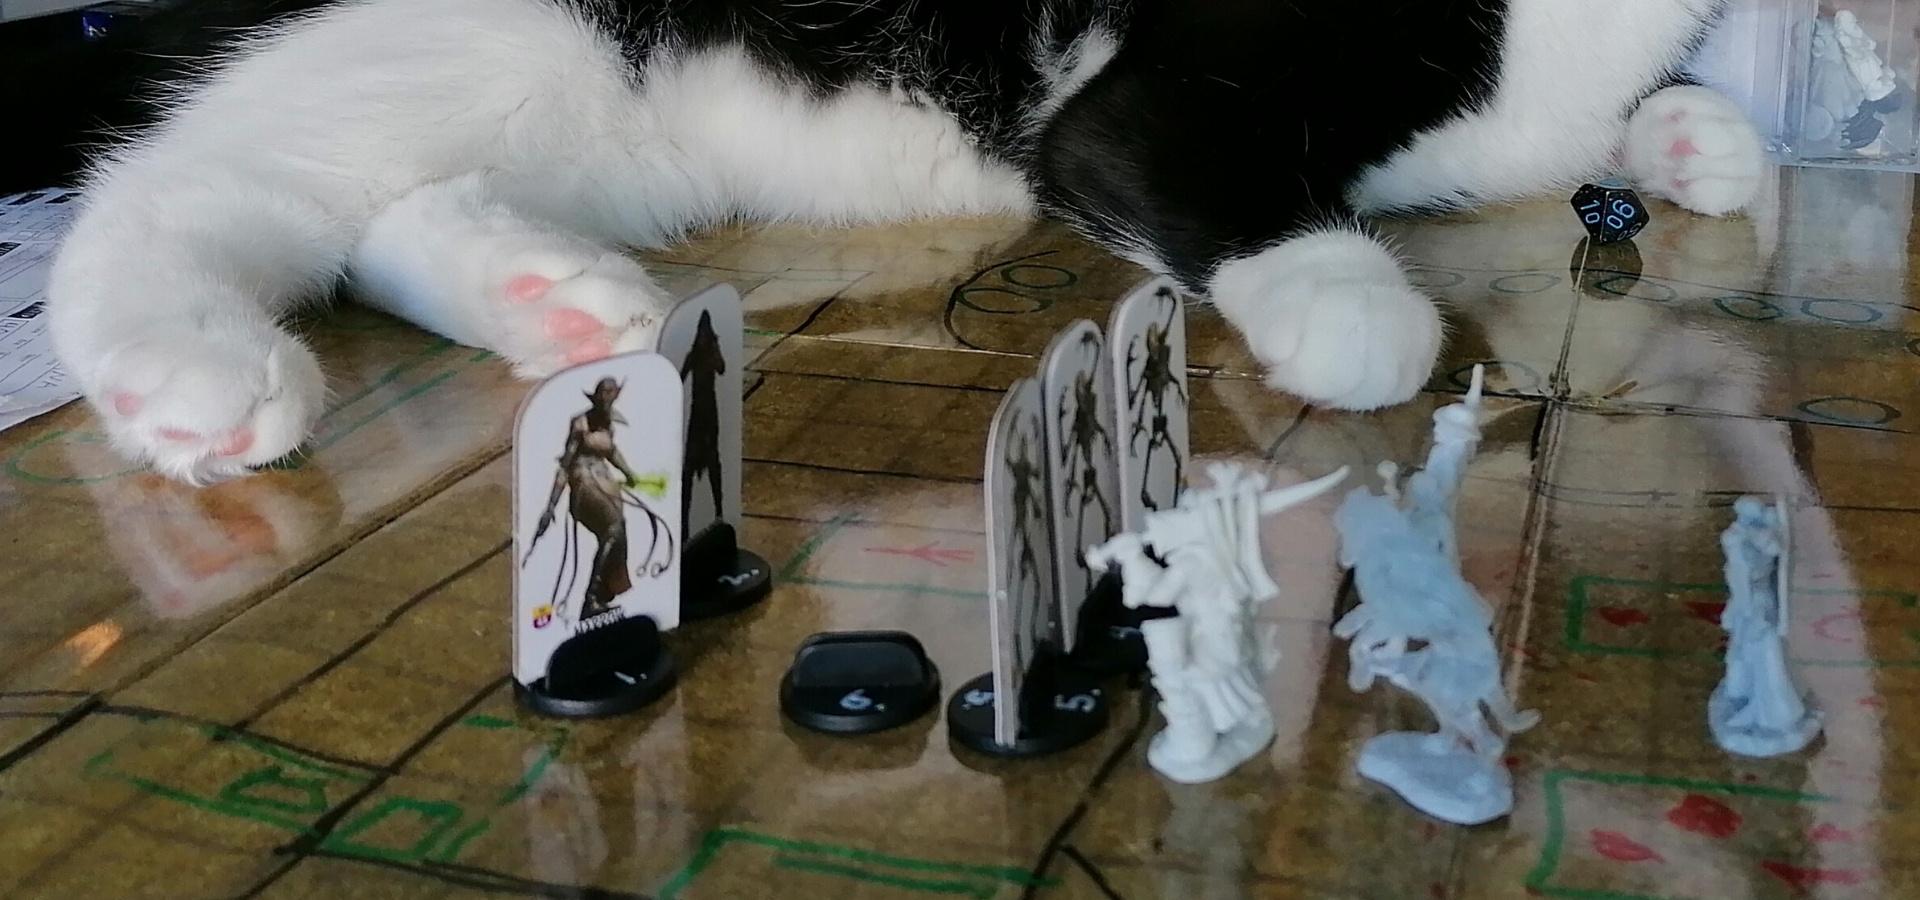 Pöytäroolipeli on käynnissä ja taistelu alkamassa. Esillä on kartta ja figuureja kuvaamassa taustelutilannetta. Taustalla näkyy kissa pelipöydällä.